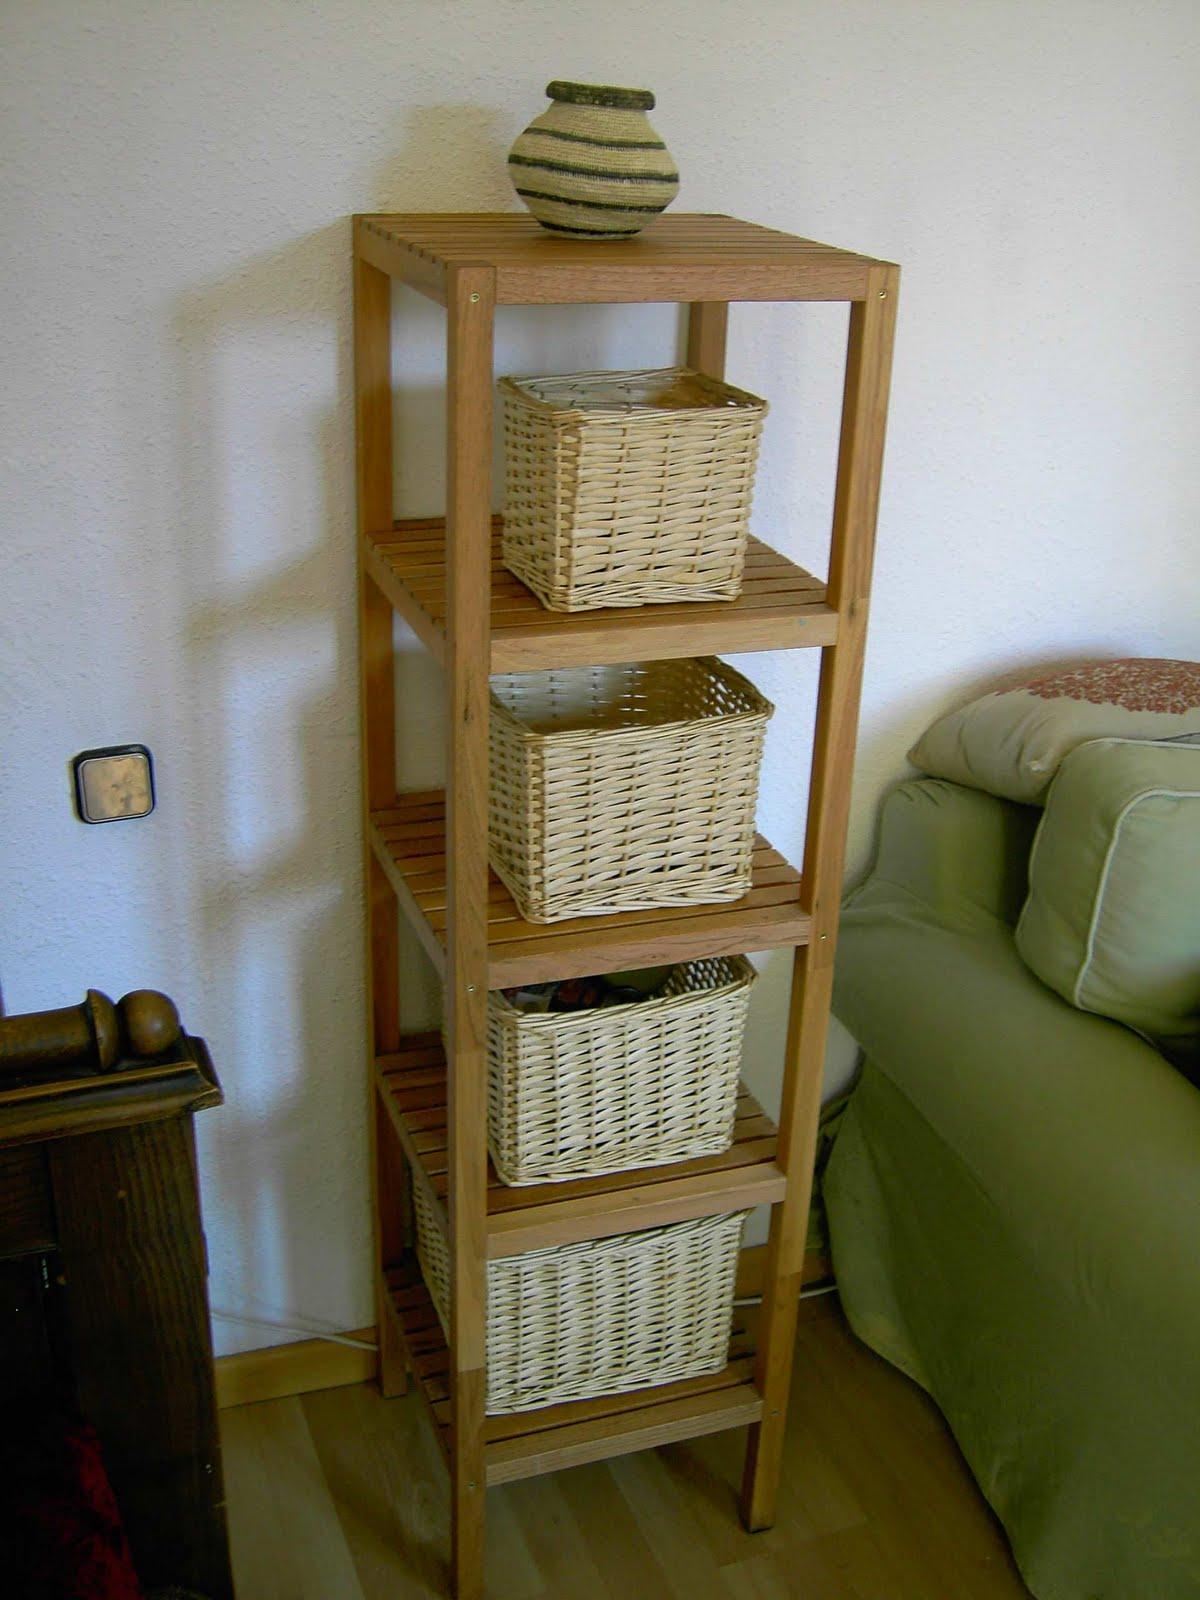 estanterias para bao sin estantera molger ikea para bao o almacen estanterias para bao sin taladro with estanterias ikea para tienda